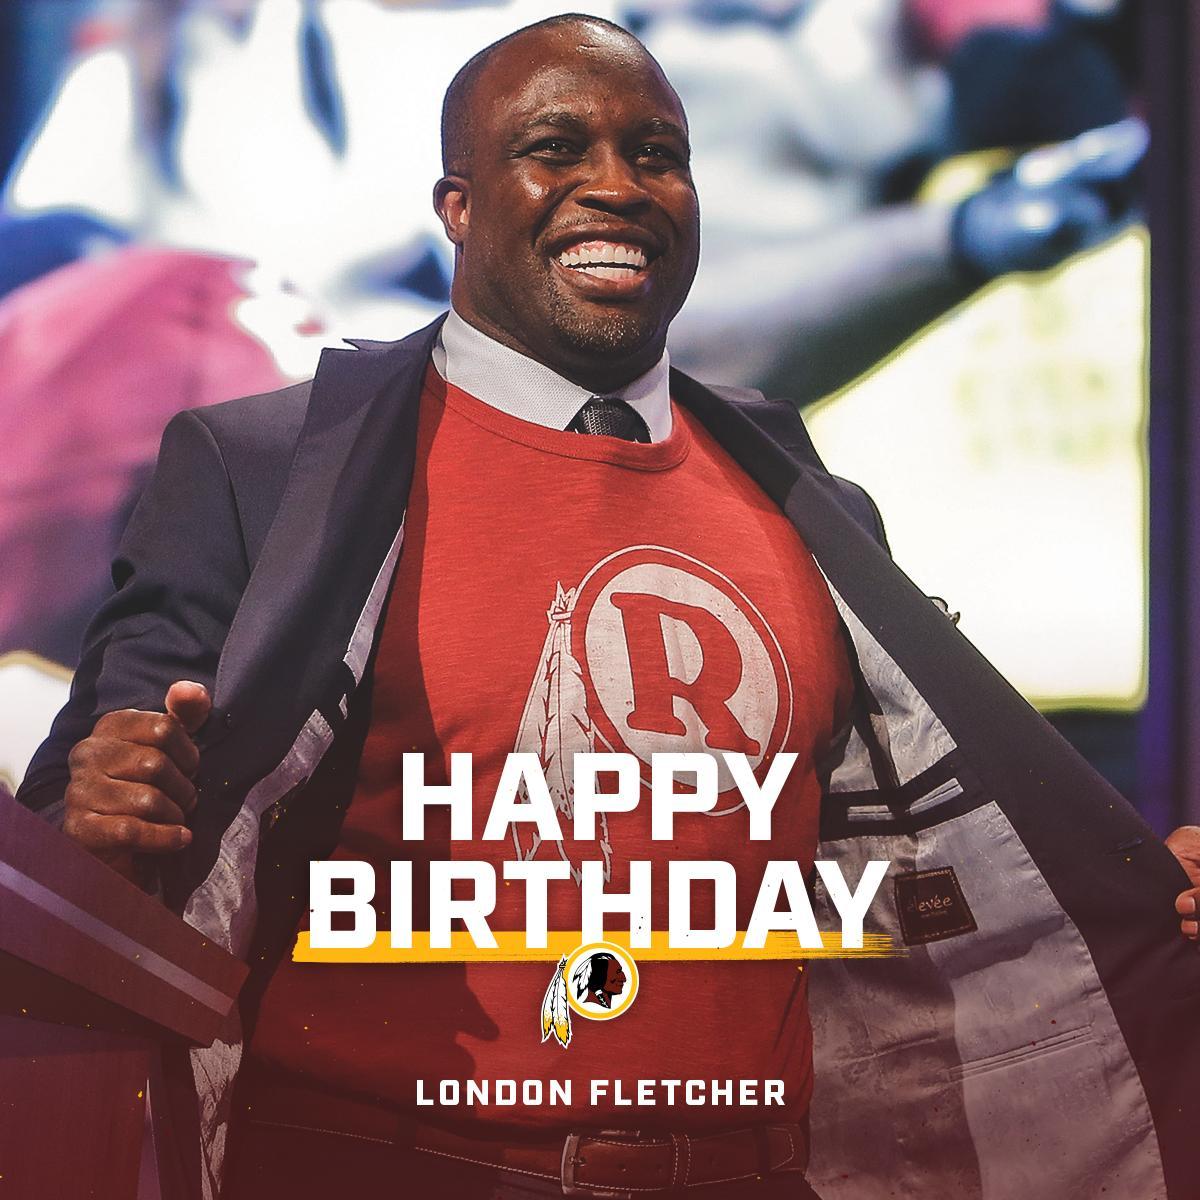 RT to wish #Redskins legend @LFletcher59 a happy birthday! #HTTR